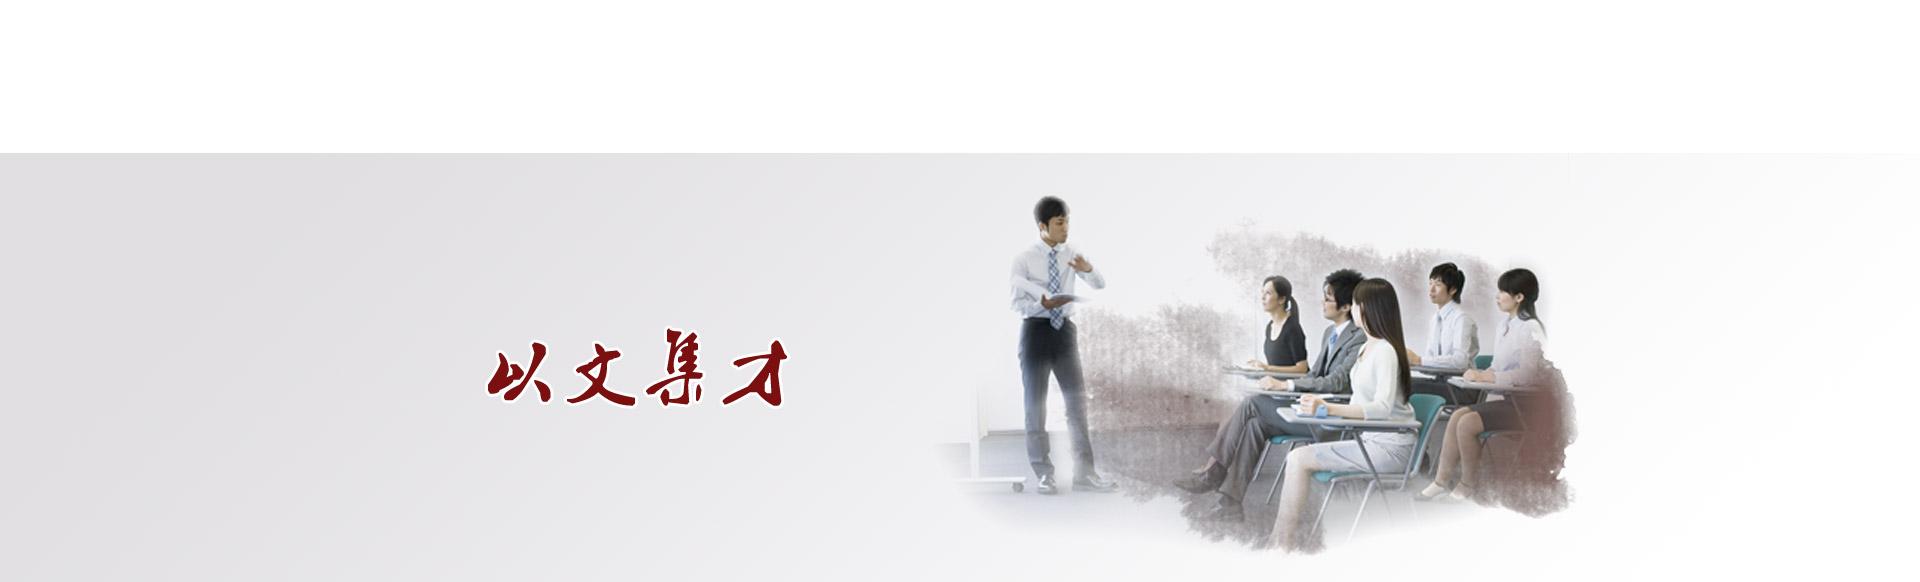 优德88金殿娱乐场大图(以文集才)